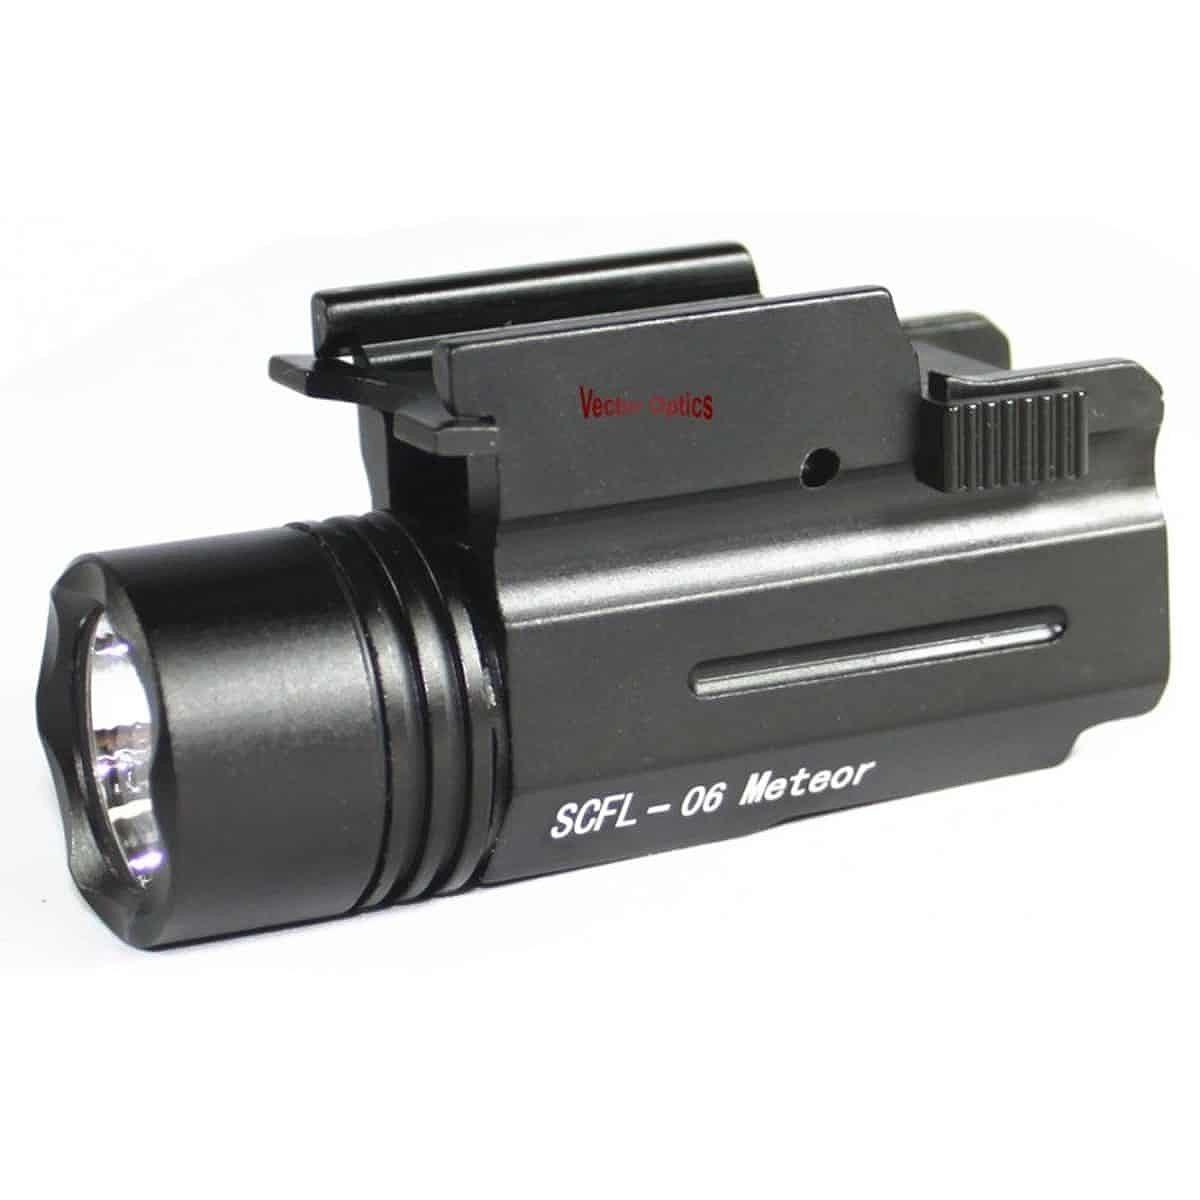 【お届け予定日: 5月30日】ベクターオプティクス タクティカルライト Meteor  Vector Optics SCFL-06